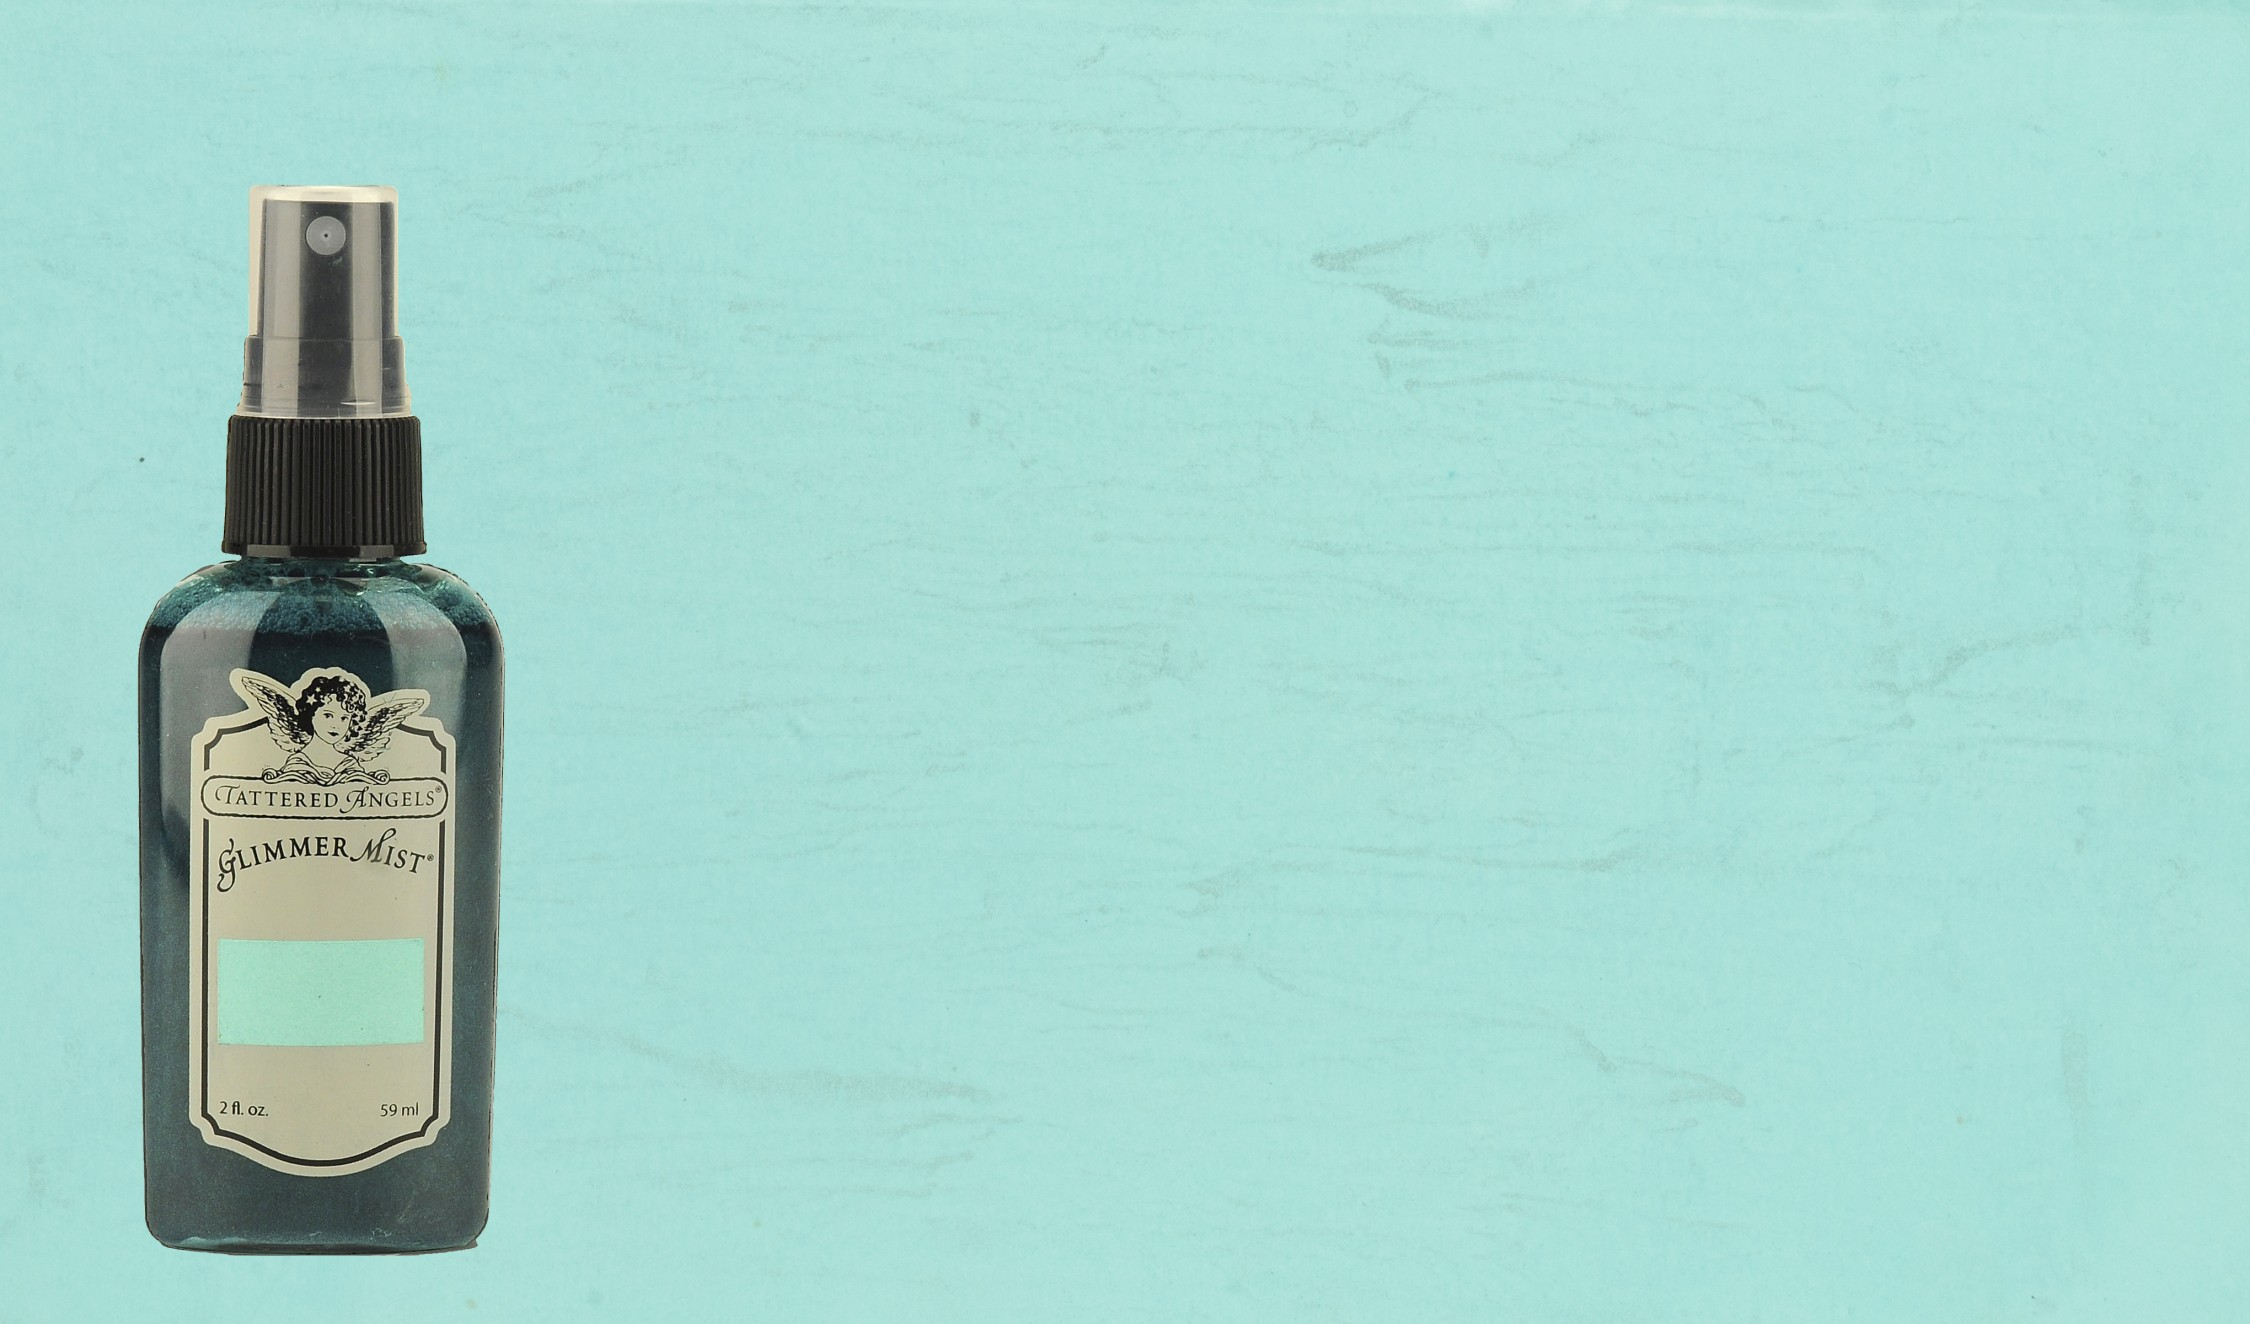 02722-turquoise-blue-e1397053482583